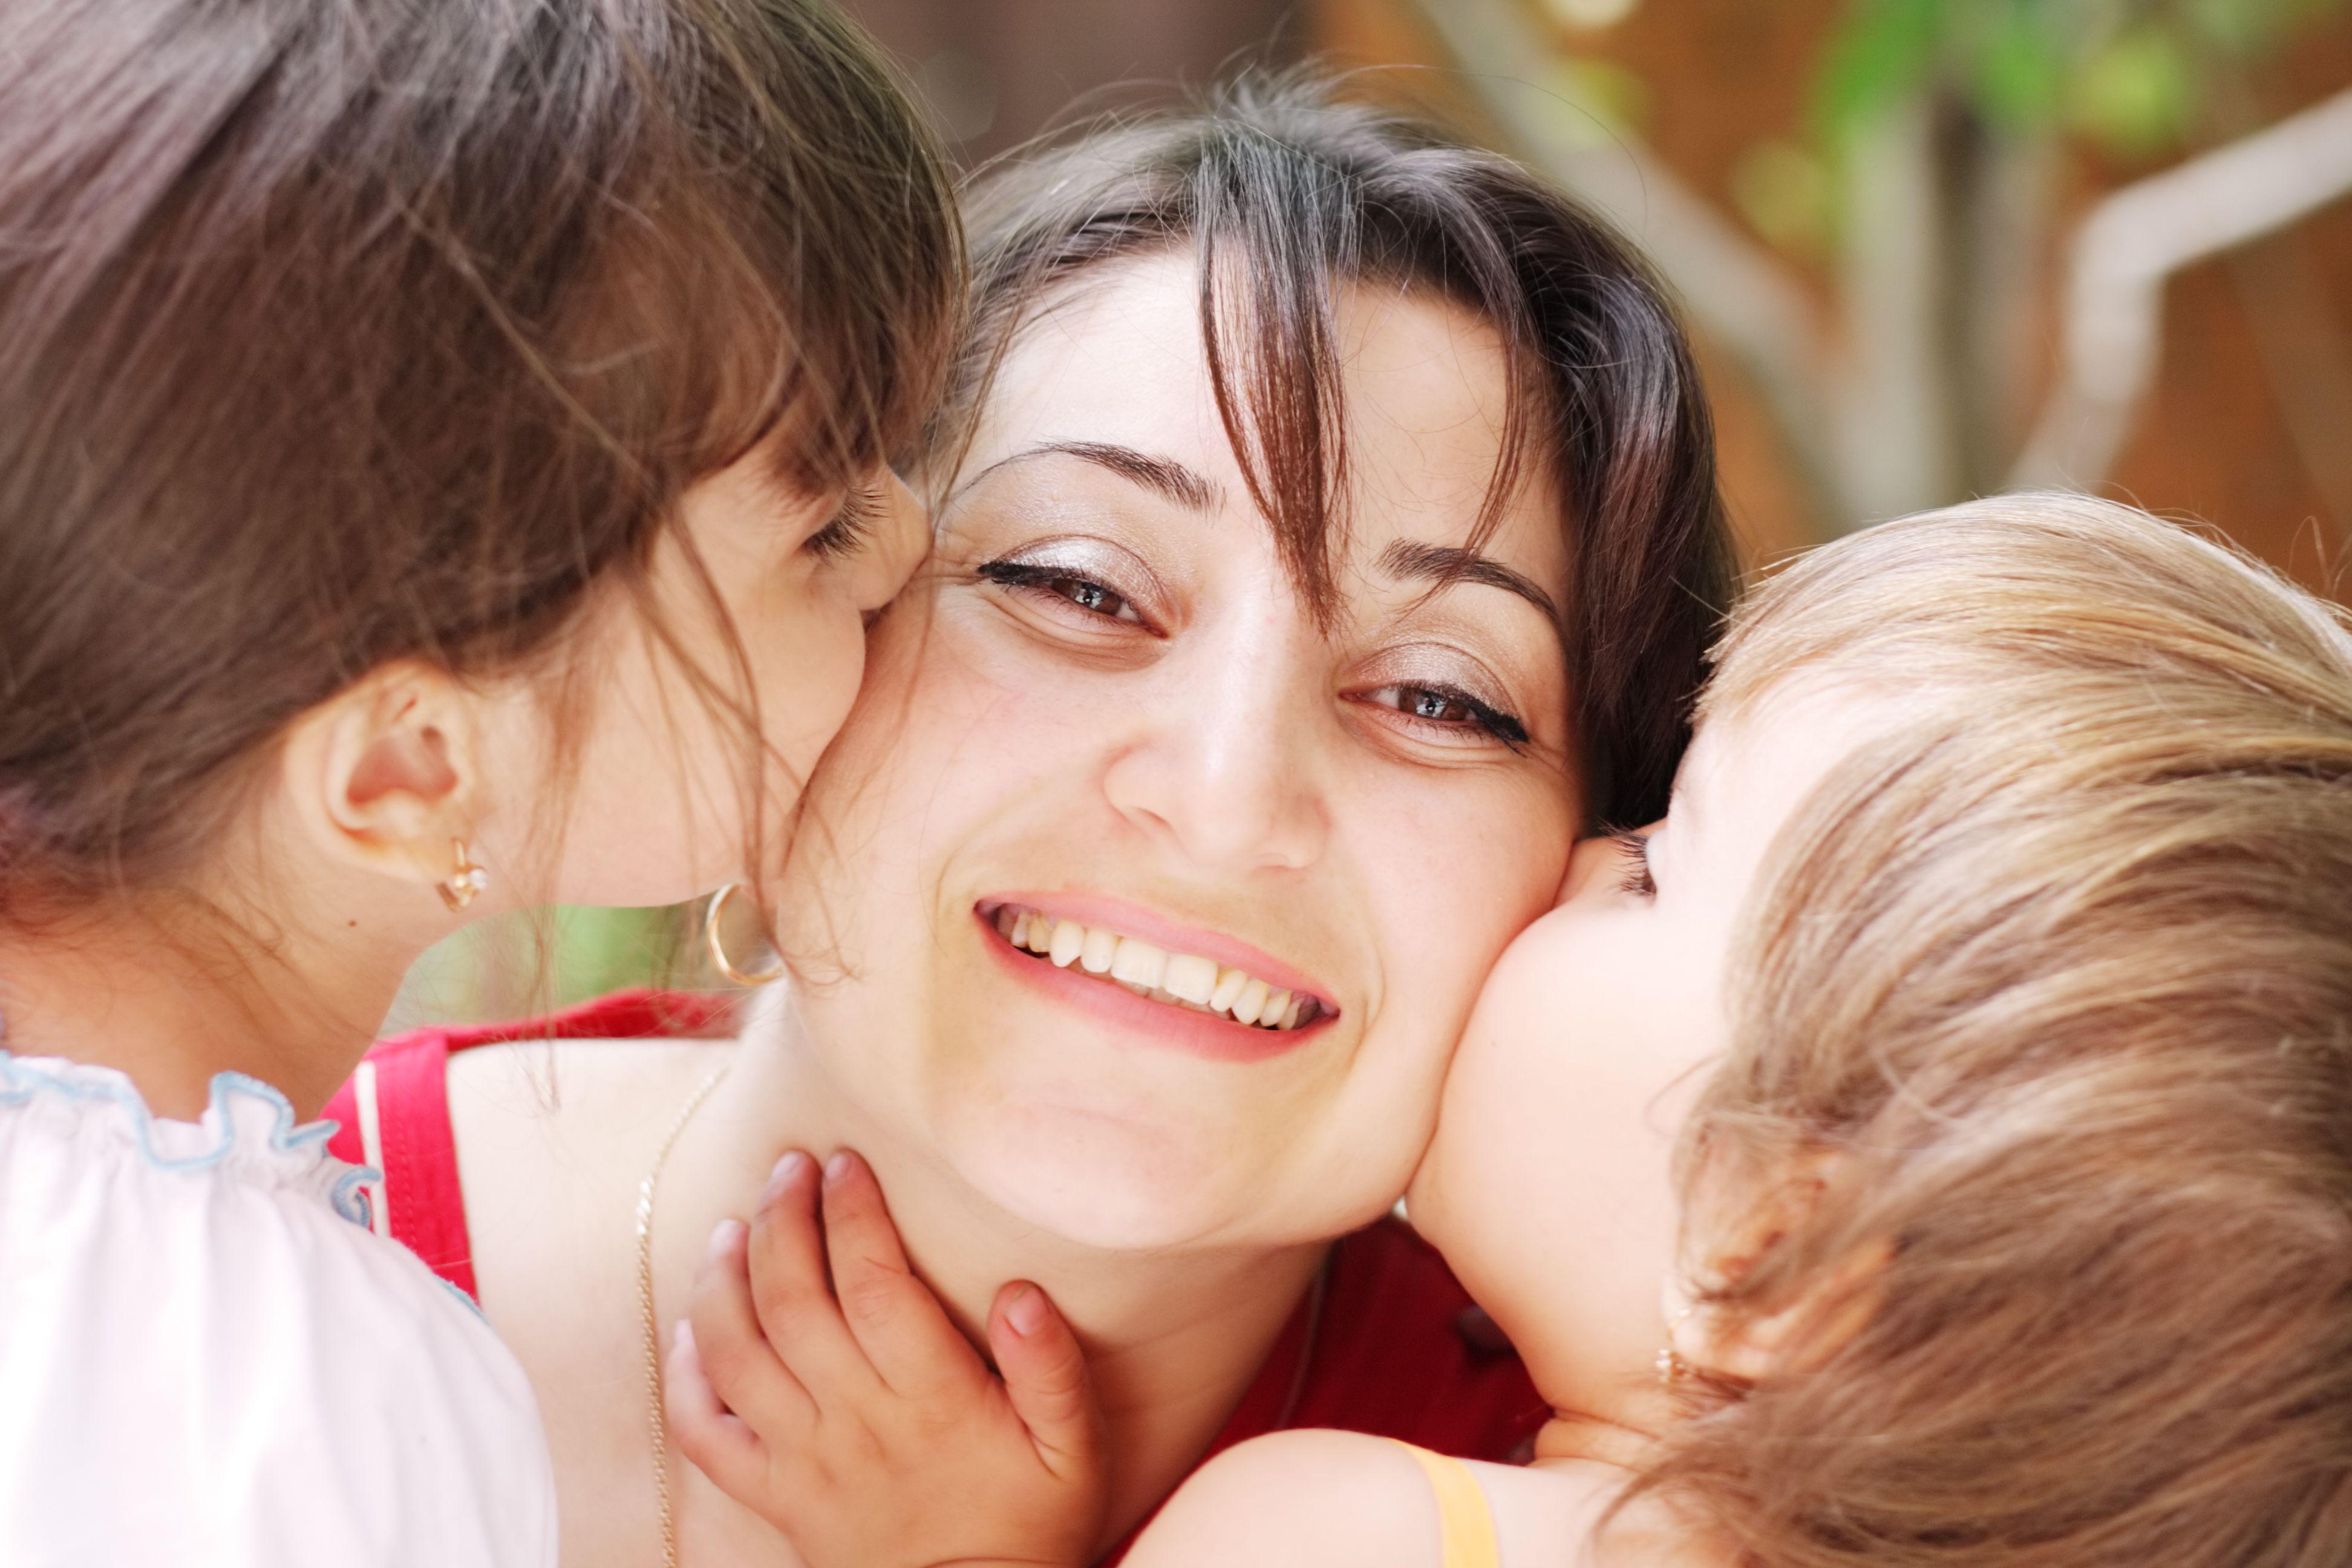 Фото любящей матери с детьми